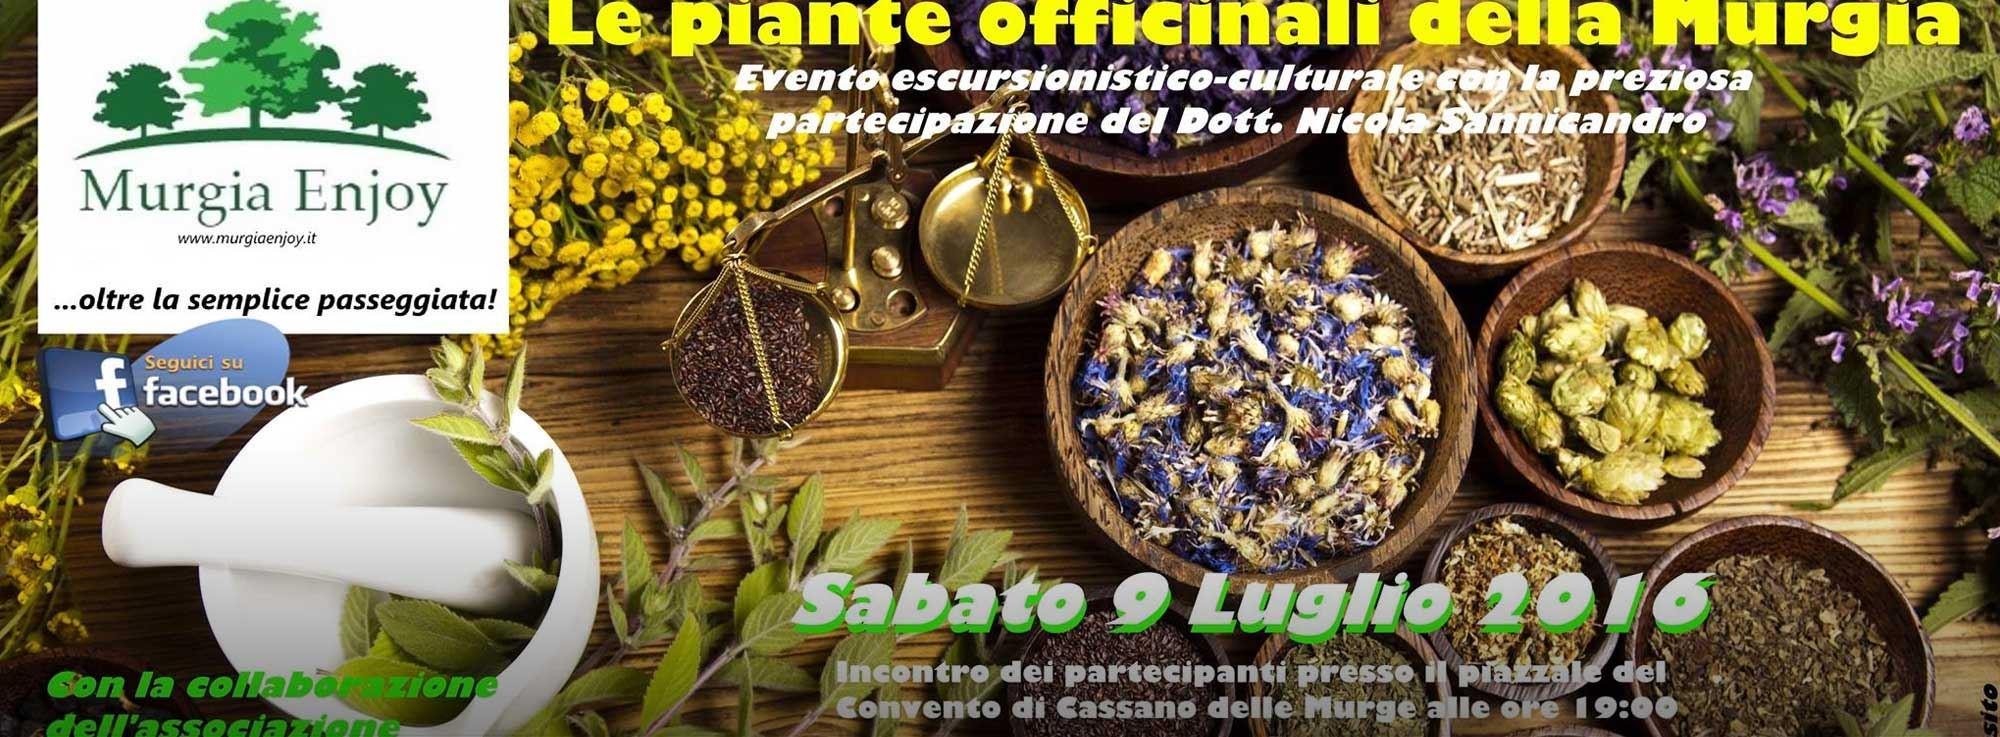 Cassano delle Murge: Le piante officinali della Murgia